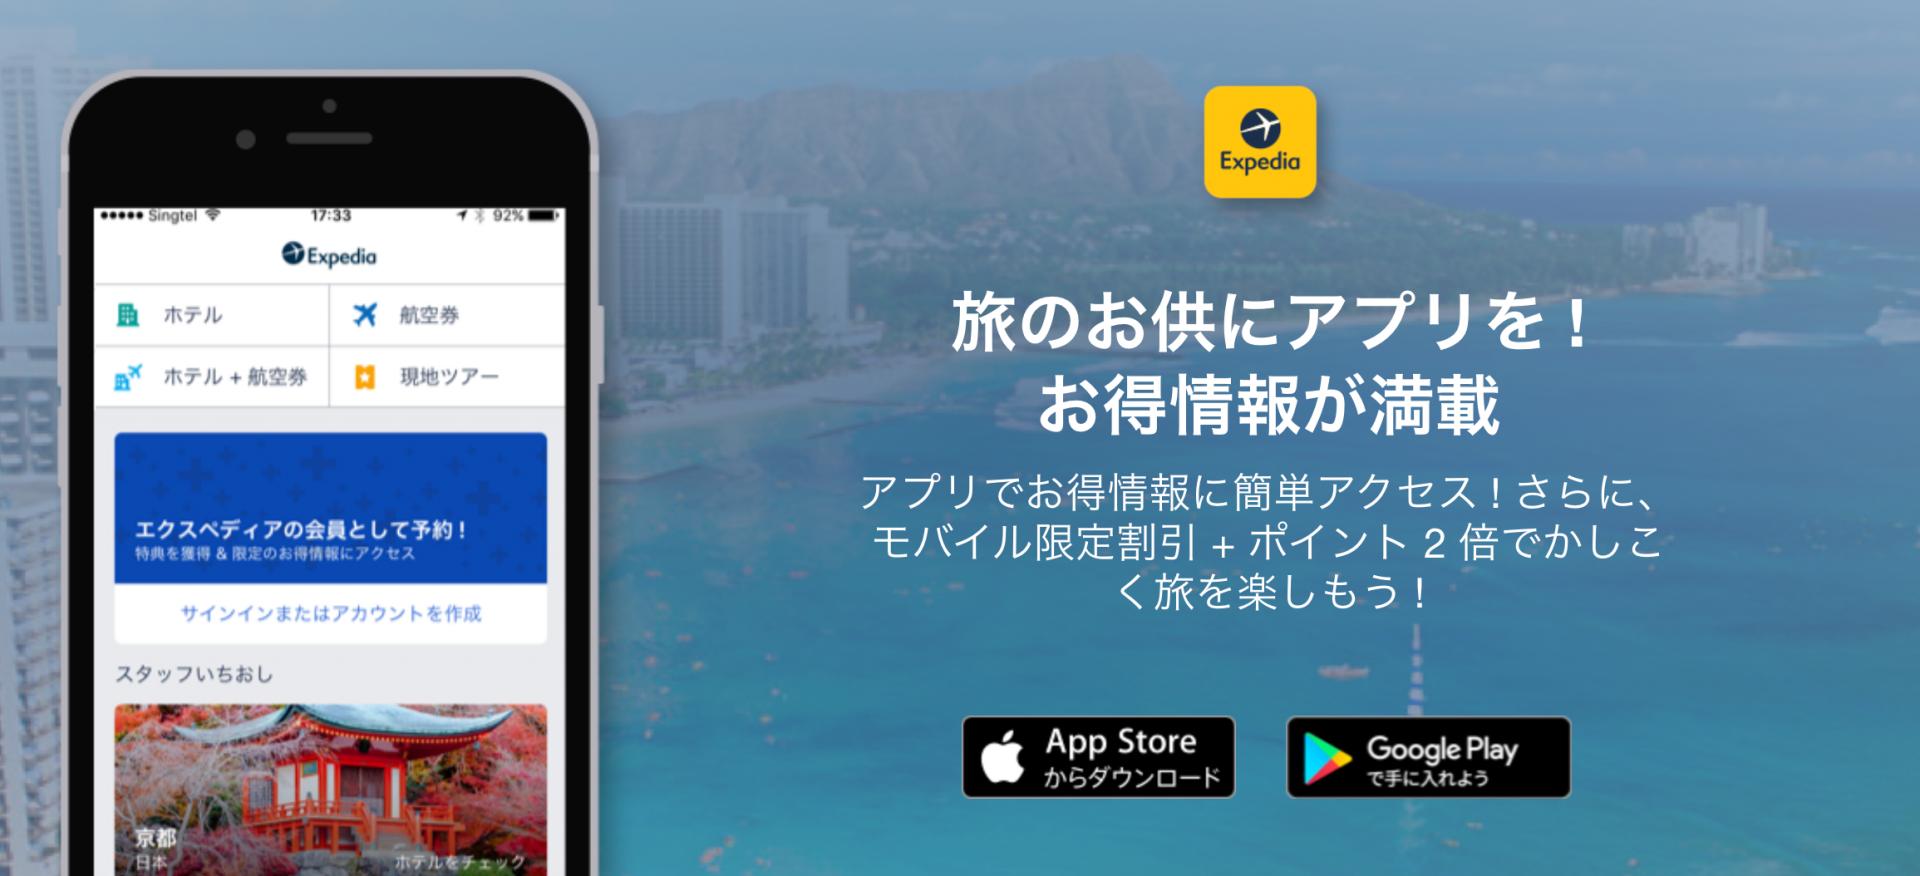 エクスペディア(Expedia)のアプリ